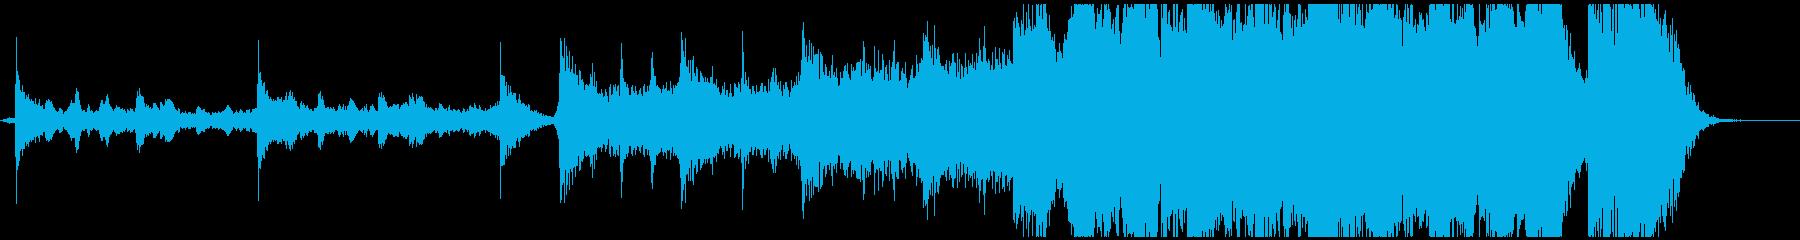 ハリウッド映画の予告編(トレーラー)風の再生済みの波形